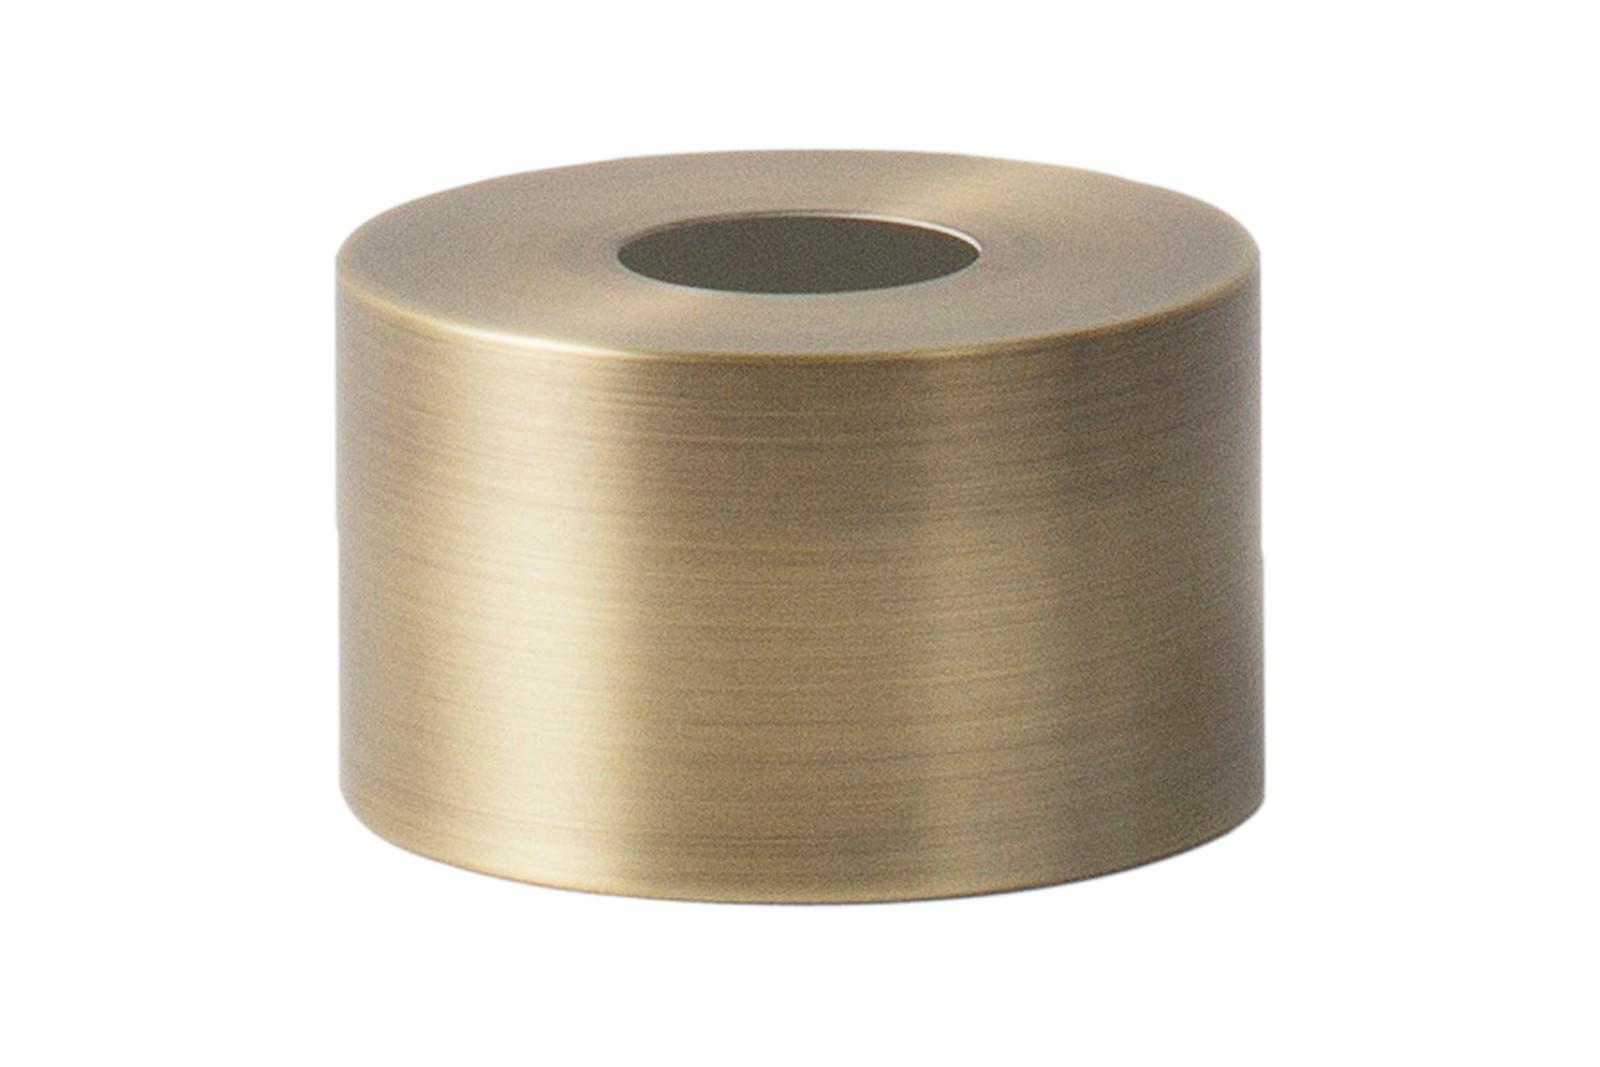 Disc Shade - Set of 3 Brass